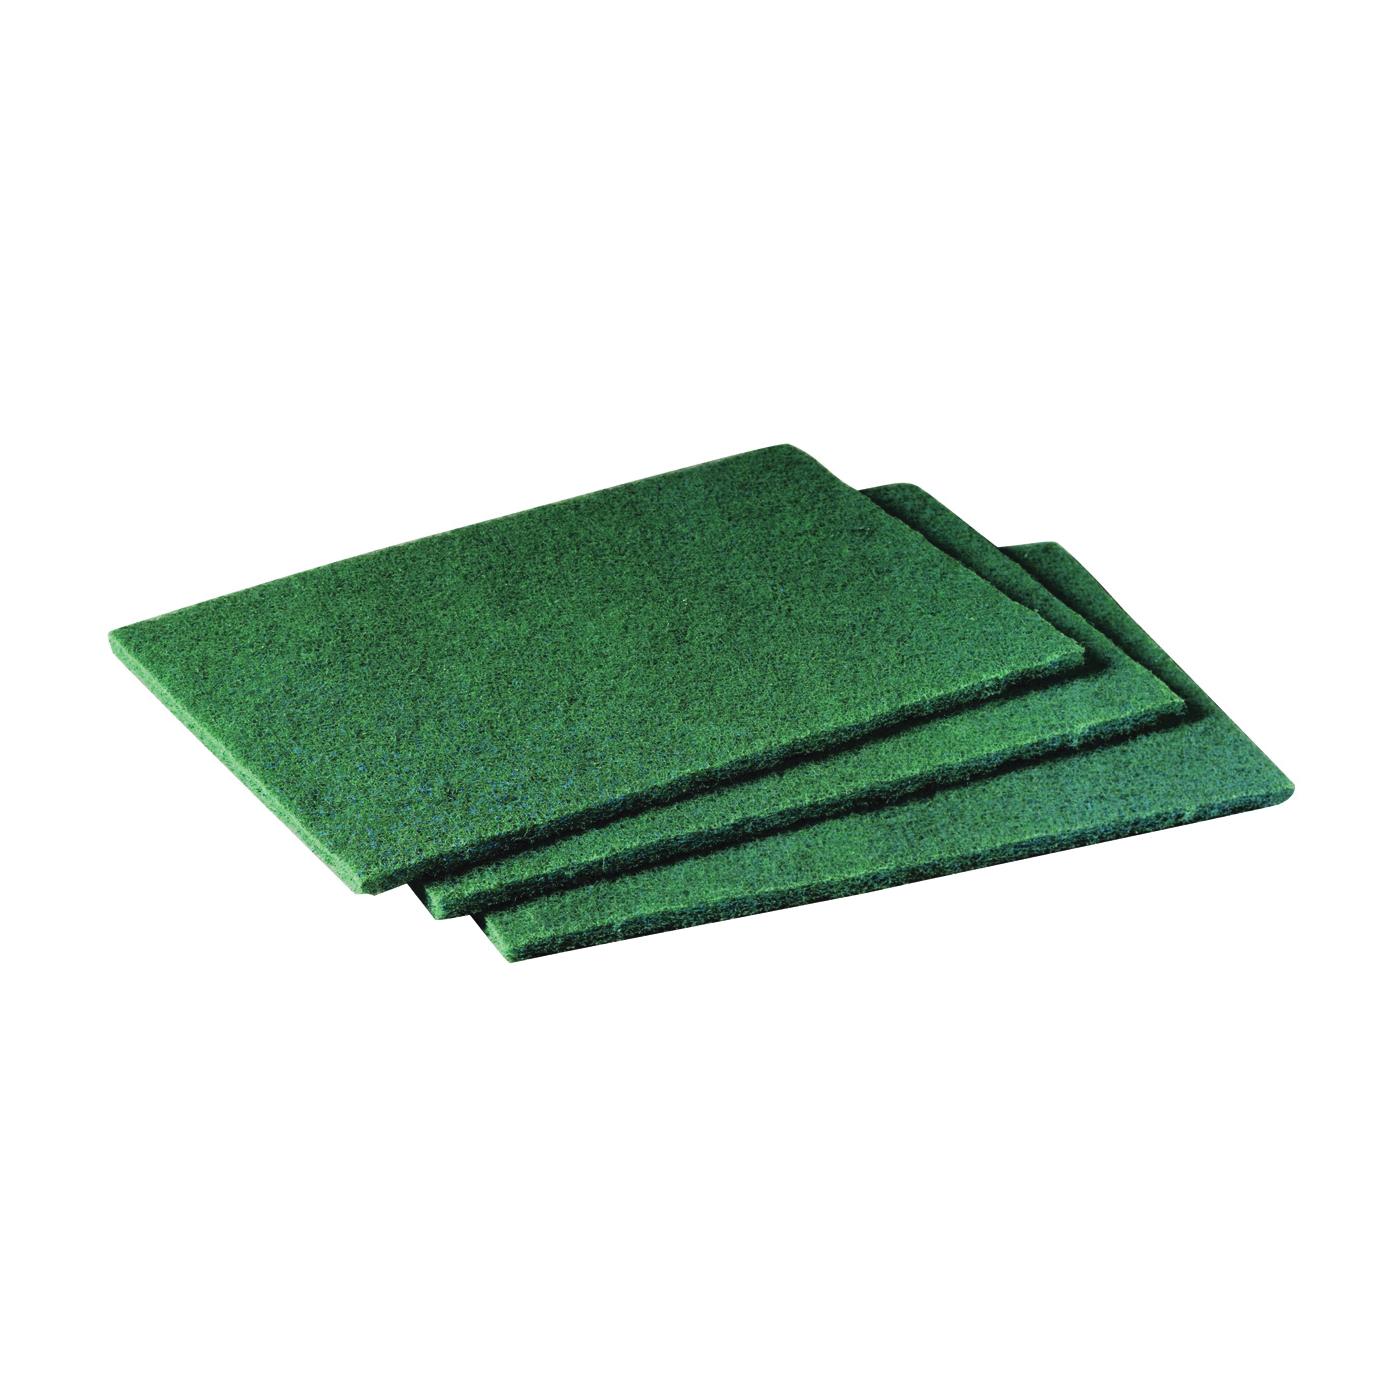 Picture of Scotch-Brite 96 Scouring Pad, 9 in L, 6 in W, Green